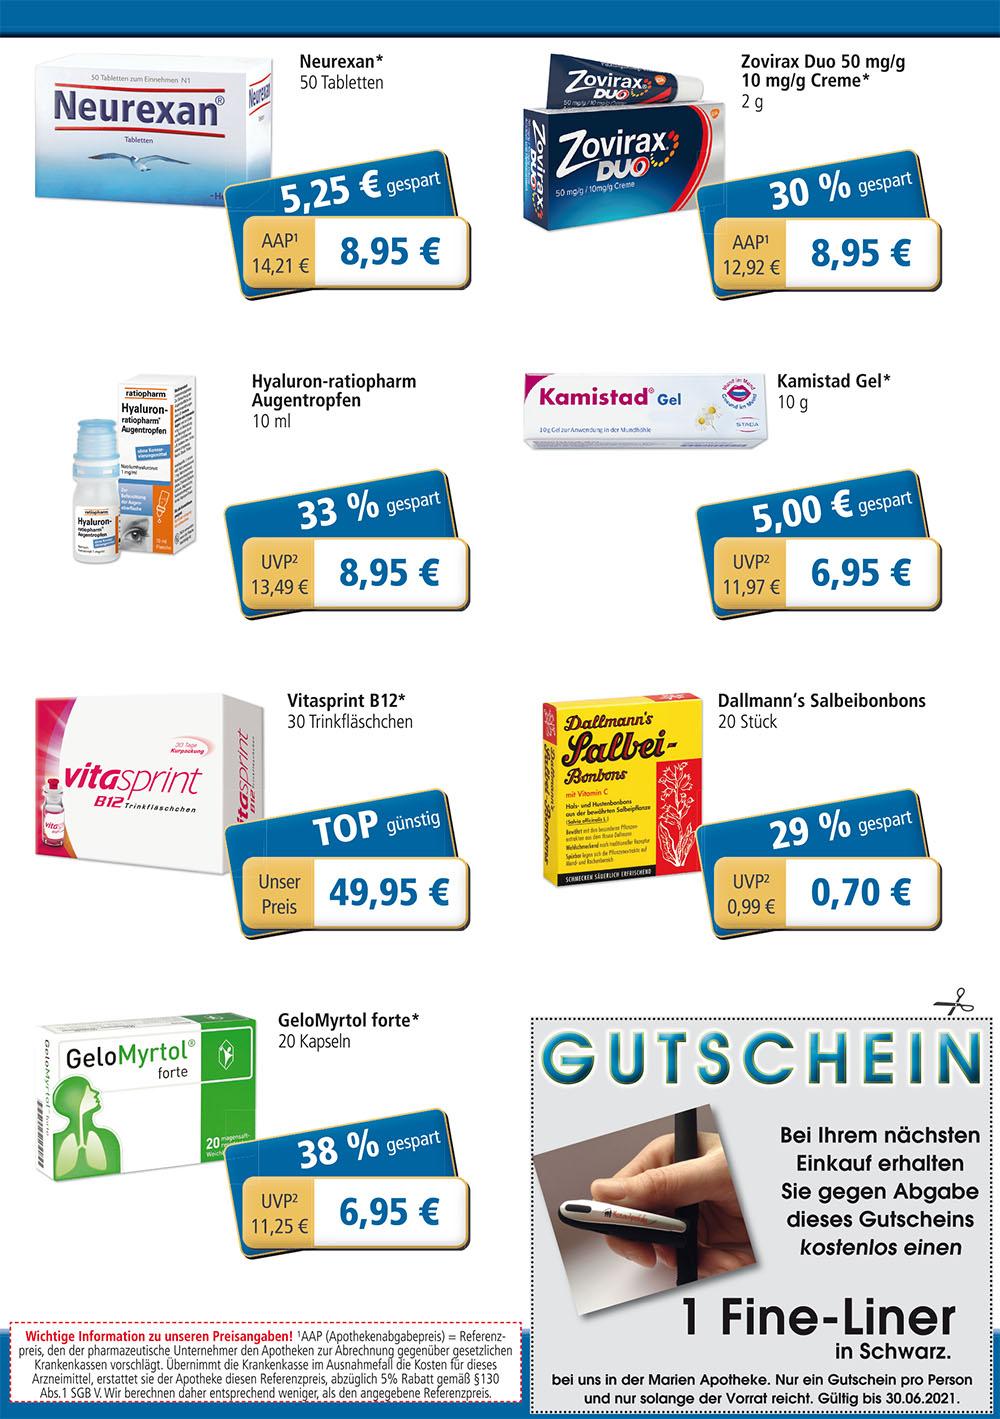 https://www-apotheken-de.apocdn.net/fileadmin/clubarea/00000-Angebote/56179_marien_angebot_3.jpg